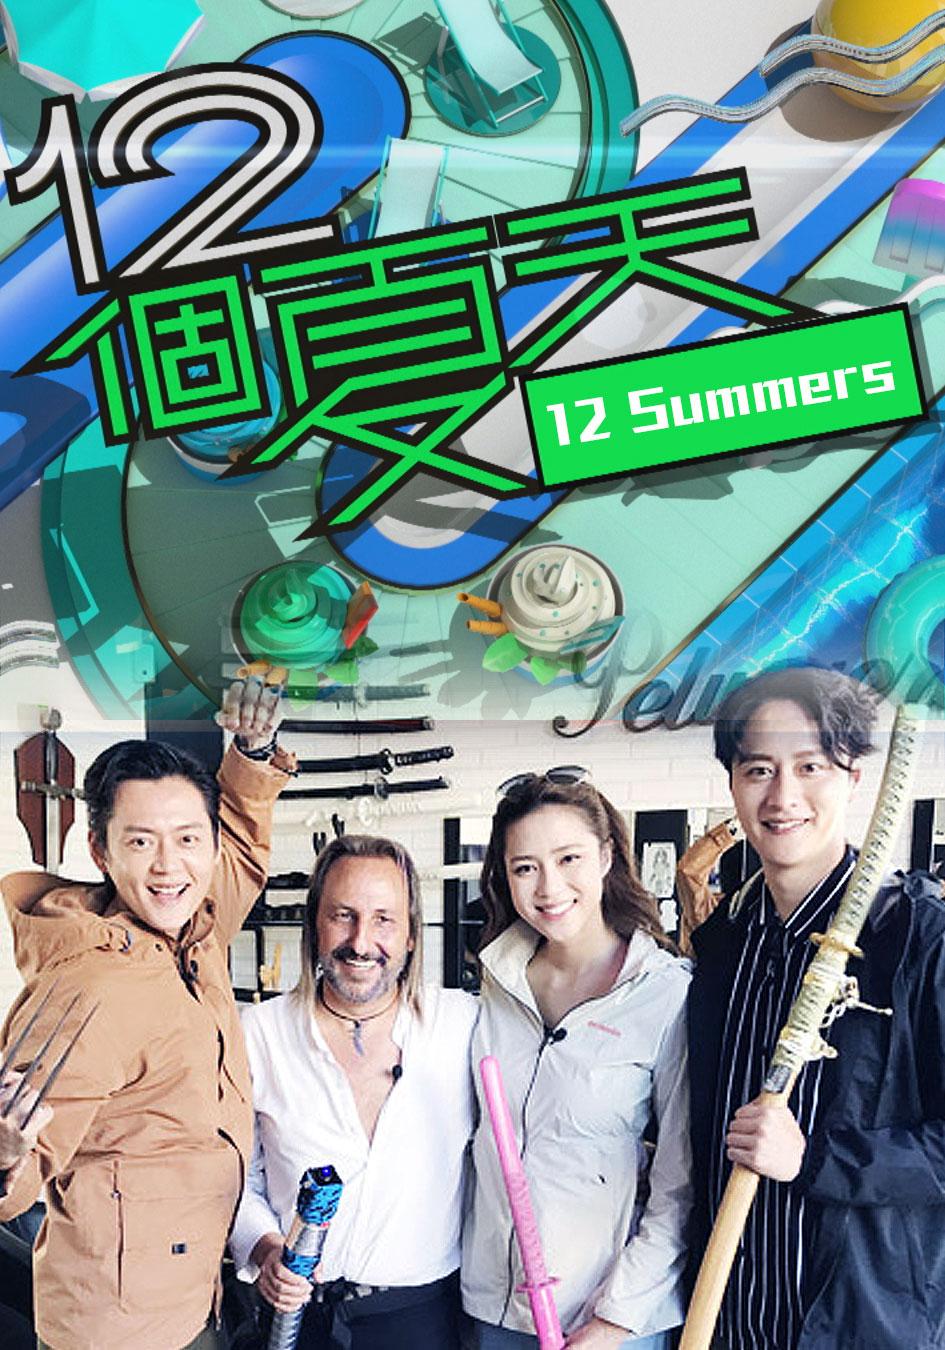 12個夏天-12 Summers